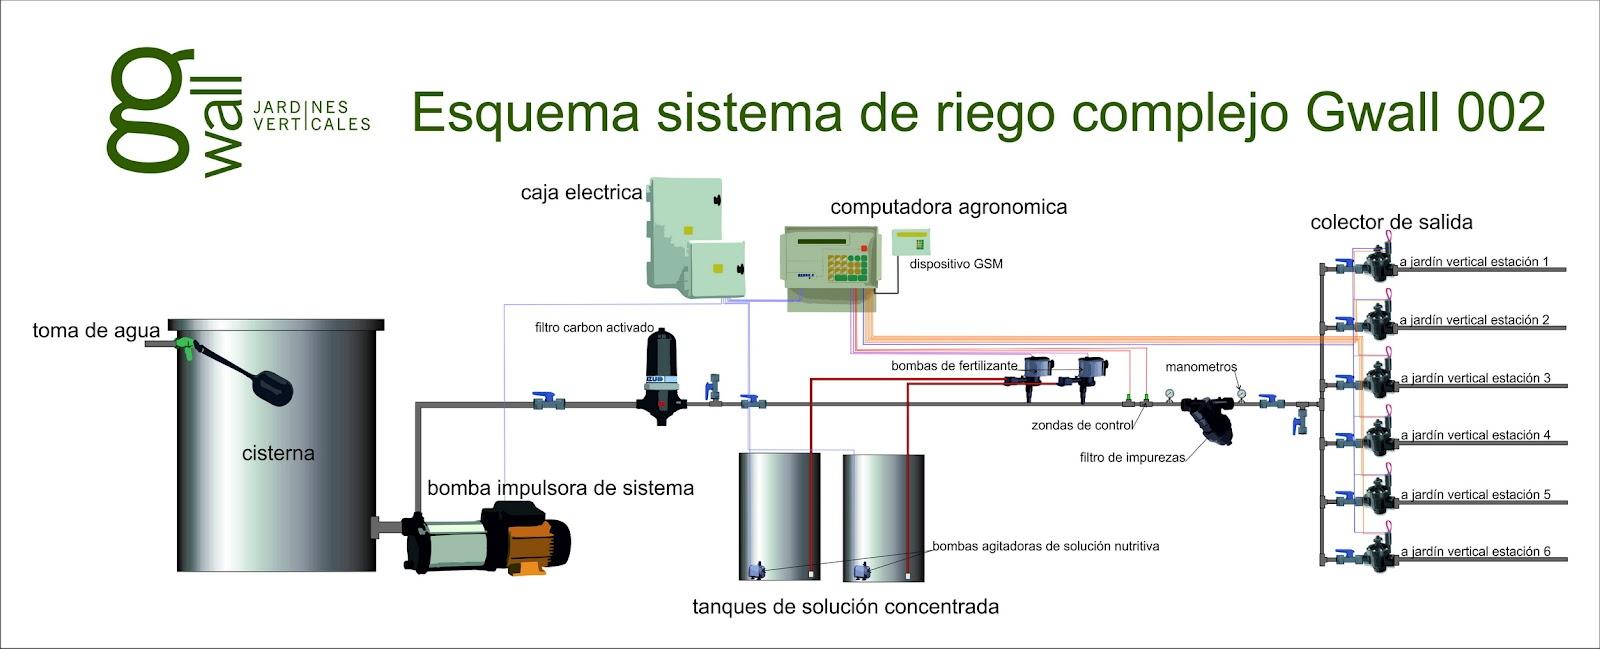 jardin vertical en argentina esquema de riego complejo